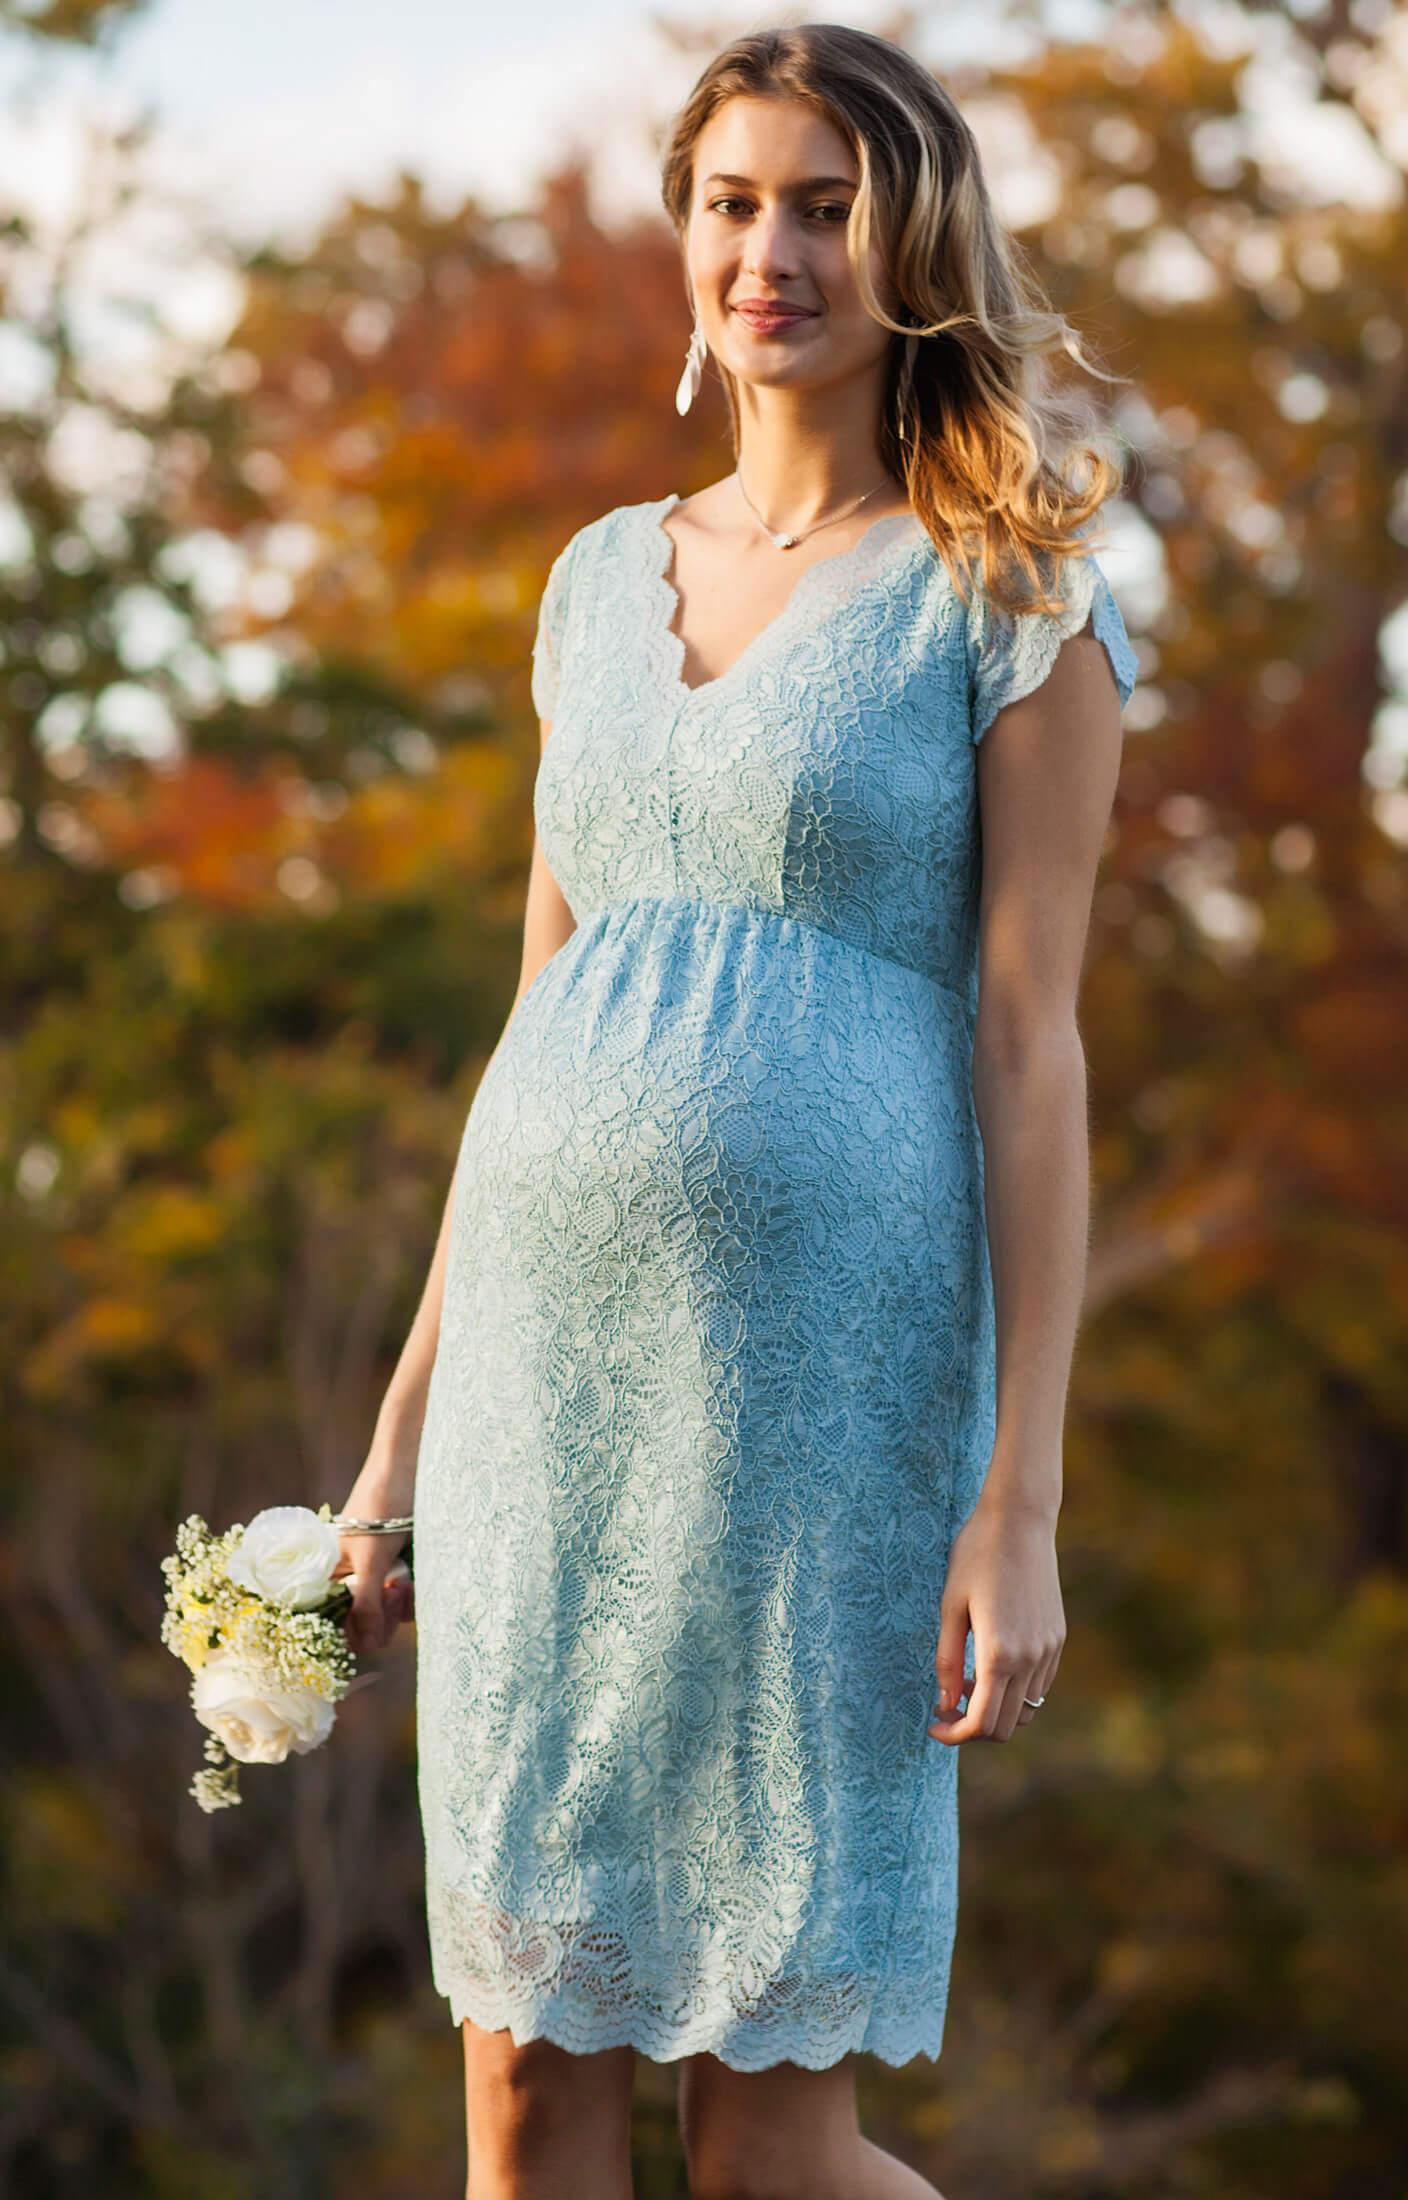 907c02534dc6 Buy halter dress. Shop every store on the internet via PricePi.com